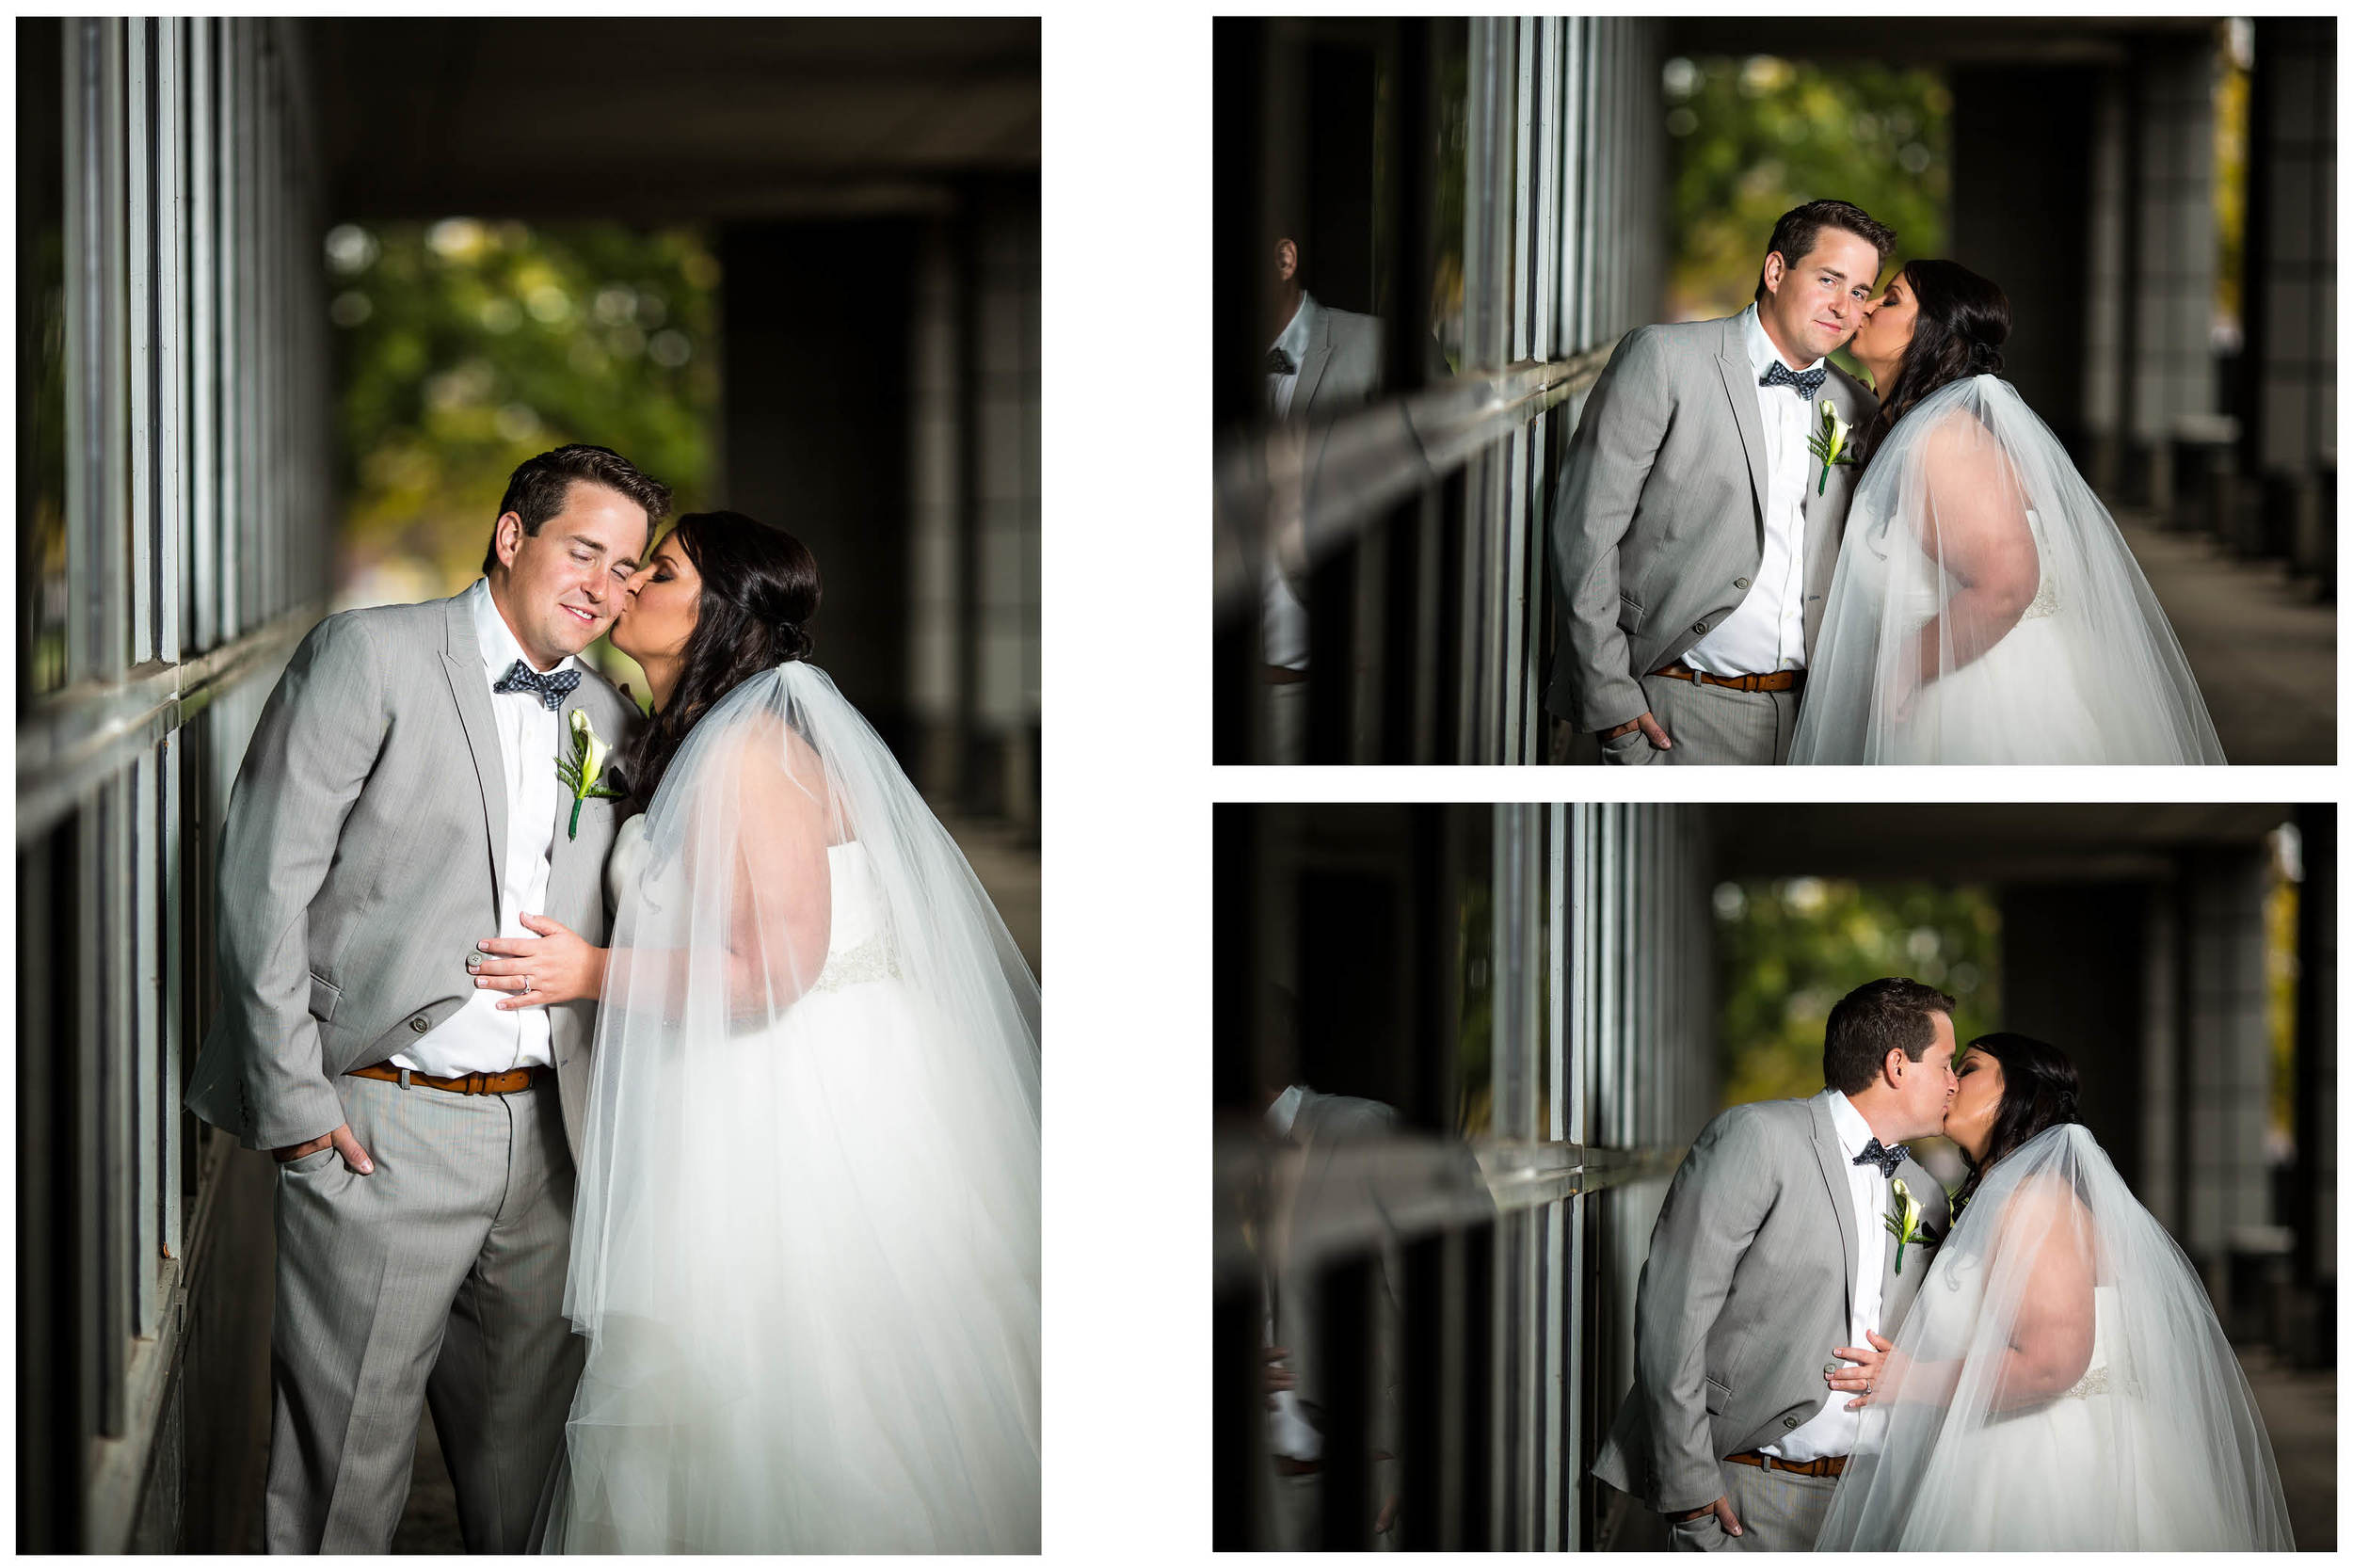 bride and groom5.jpg